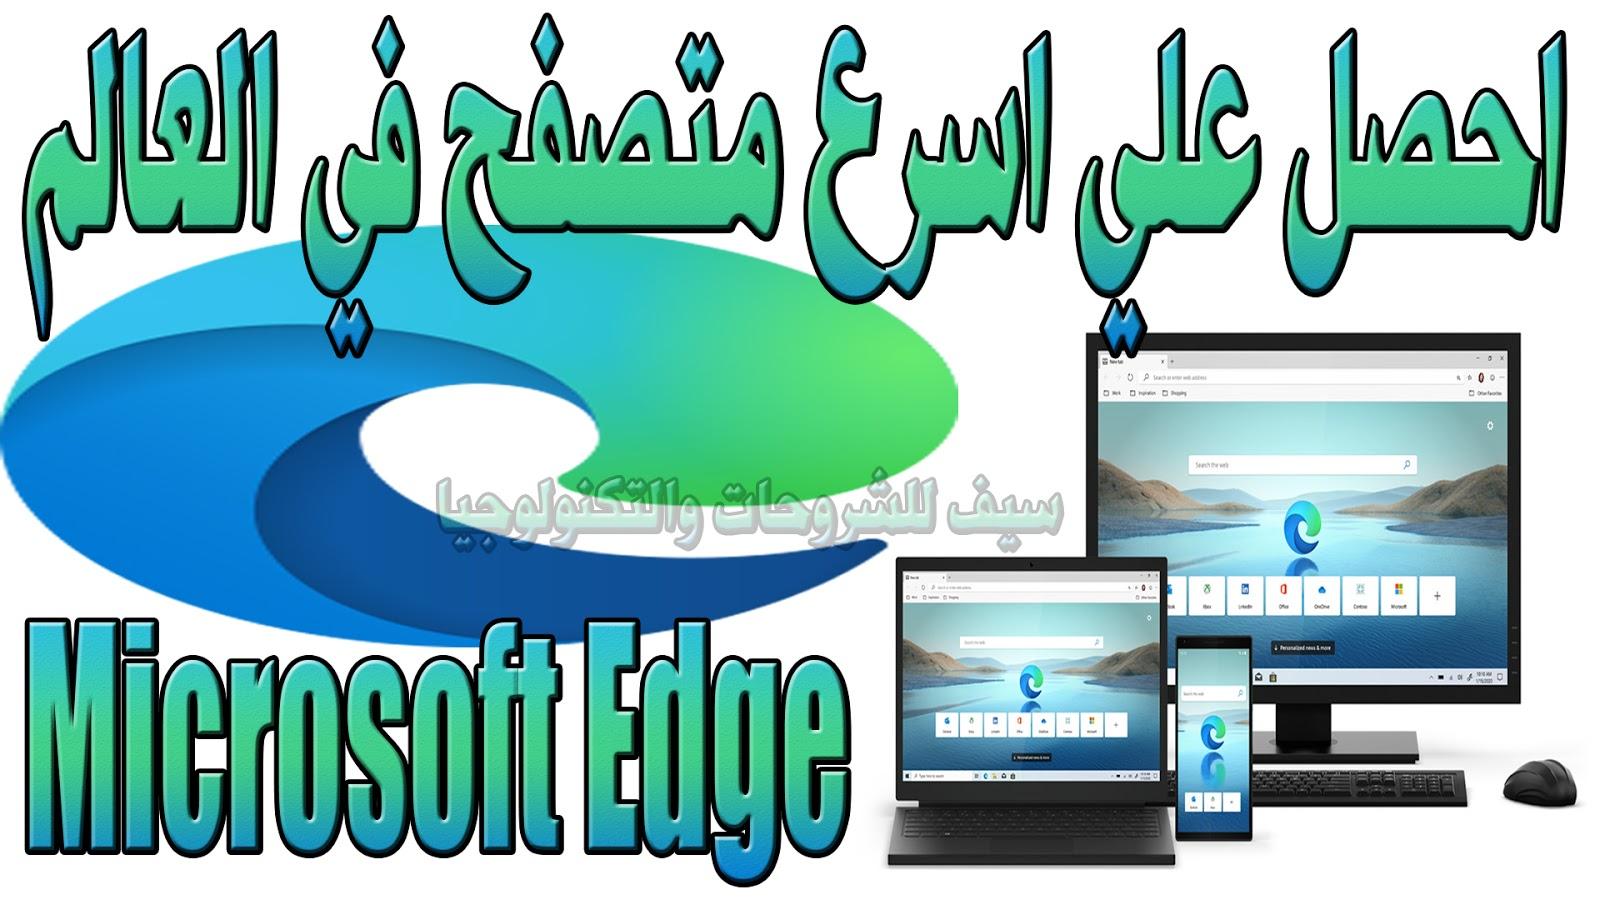 بعد ان اثبت انه أسرع من جوجل كروم بشهادة الجميع ، إليك طريقة تثبيت إضافات كروم في متصفح Microsoft Edge الجديد